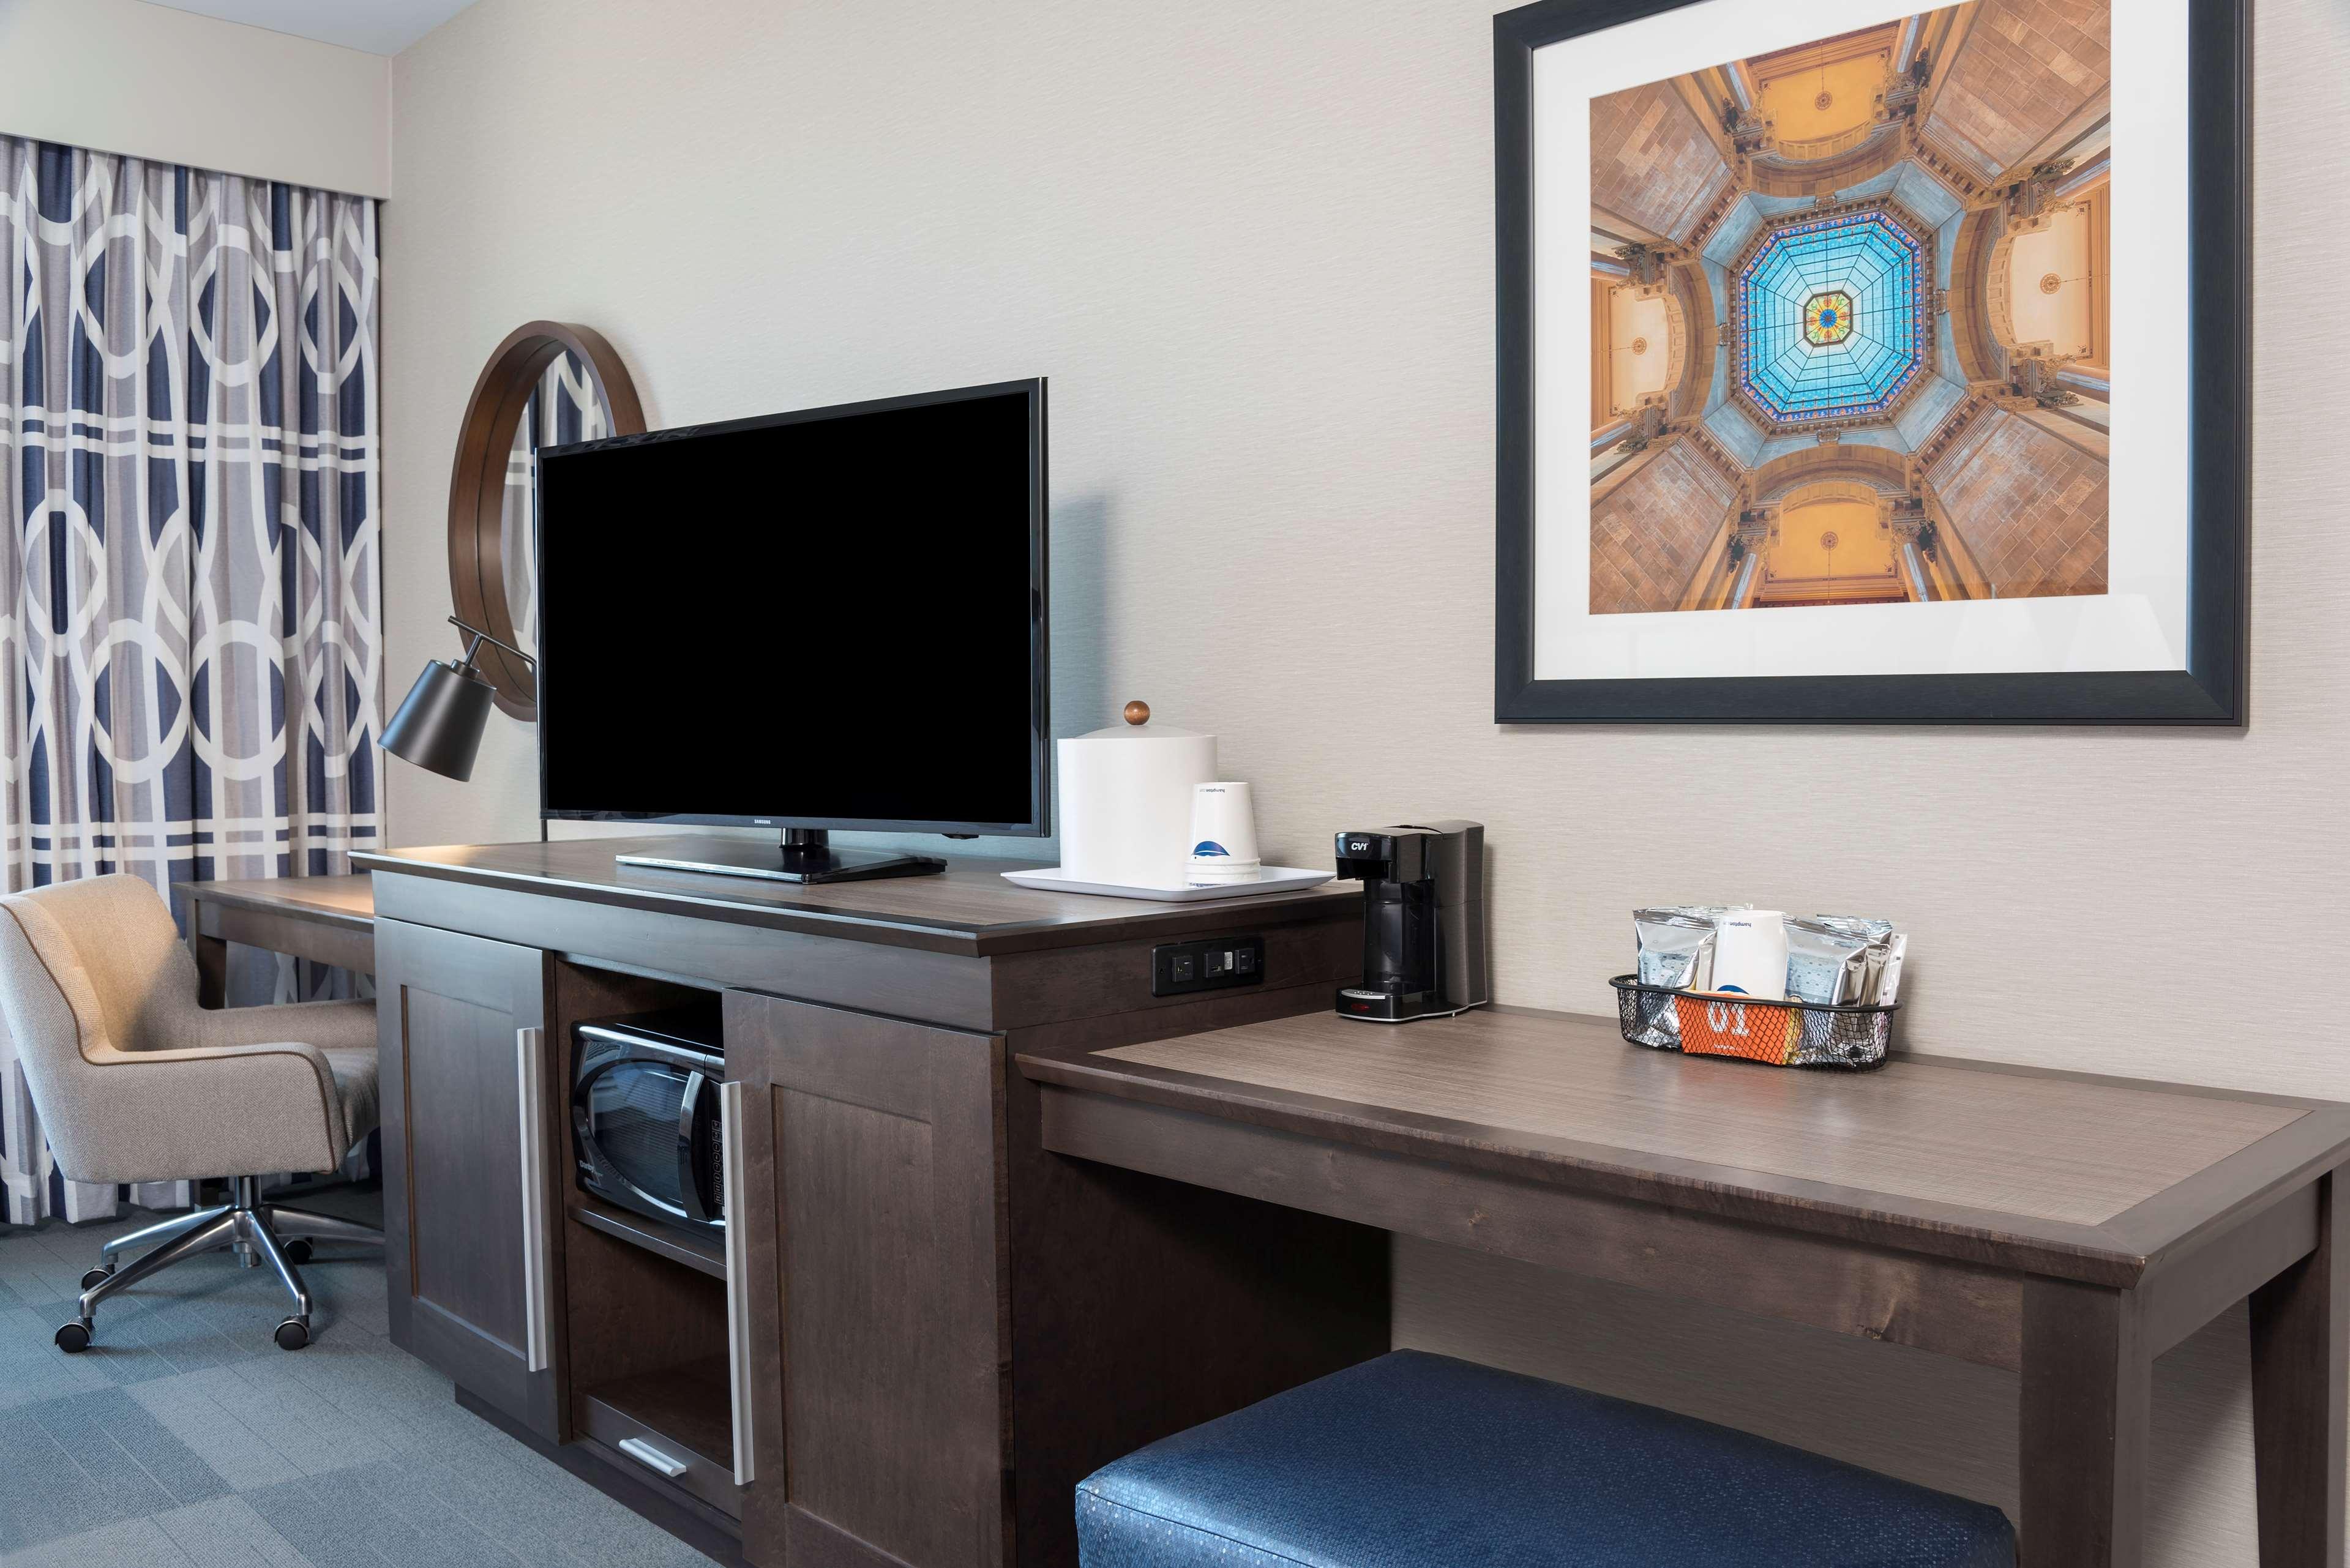 Hampton Inn & Suites Indianapolis-Keystone image 24